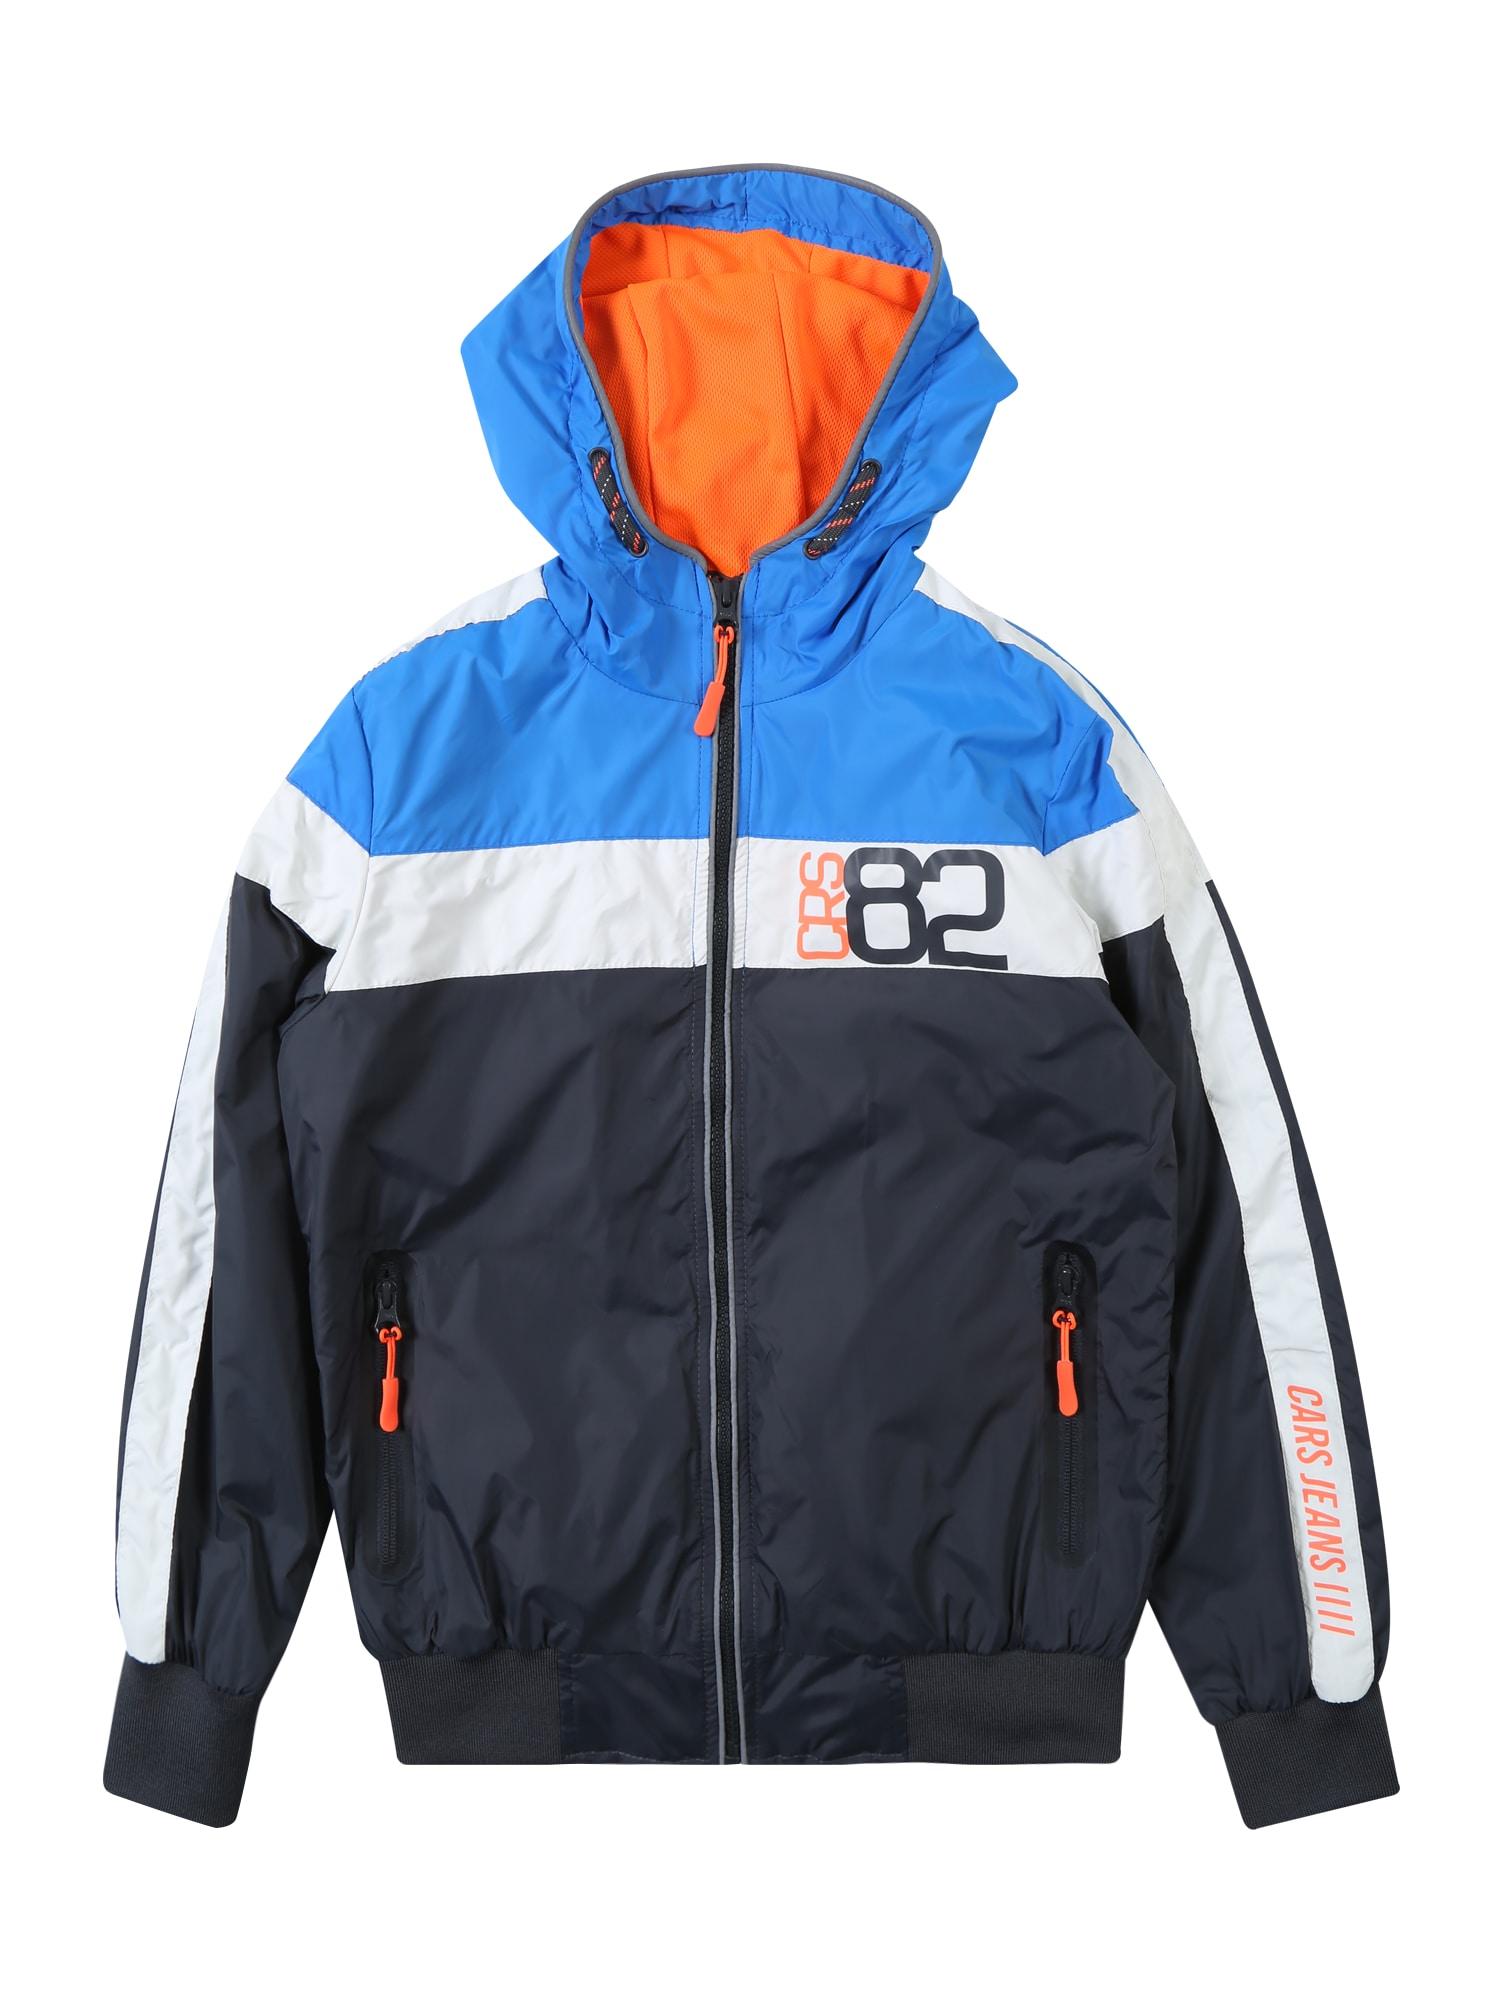 Přechodná bunda BRASH ANTRA modrá šedá tmavě oranžová Cars Jeans